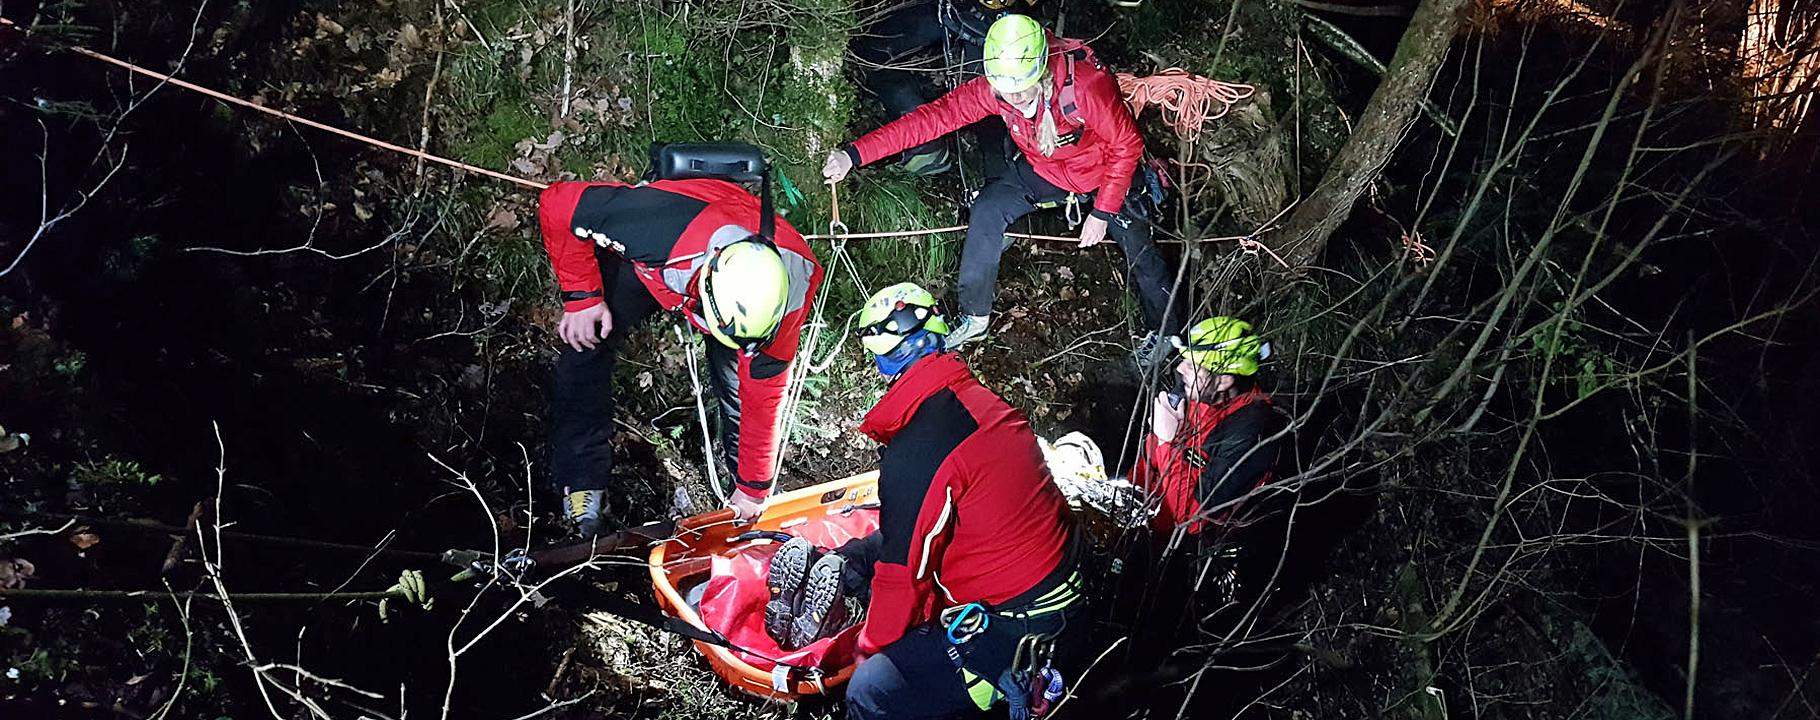 Einsatzübung Bike-Unfall Bergrettung Hohenems